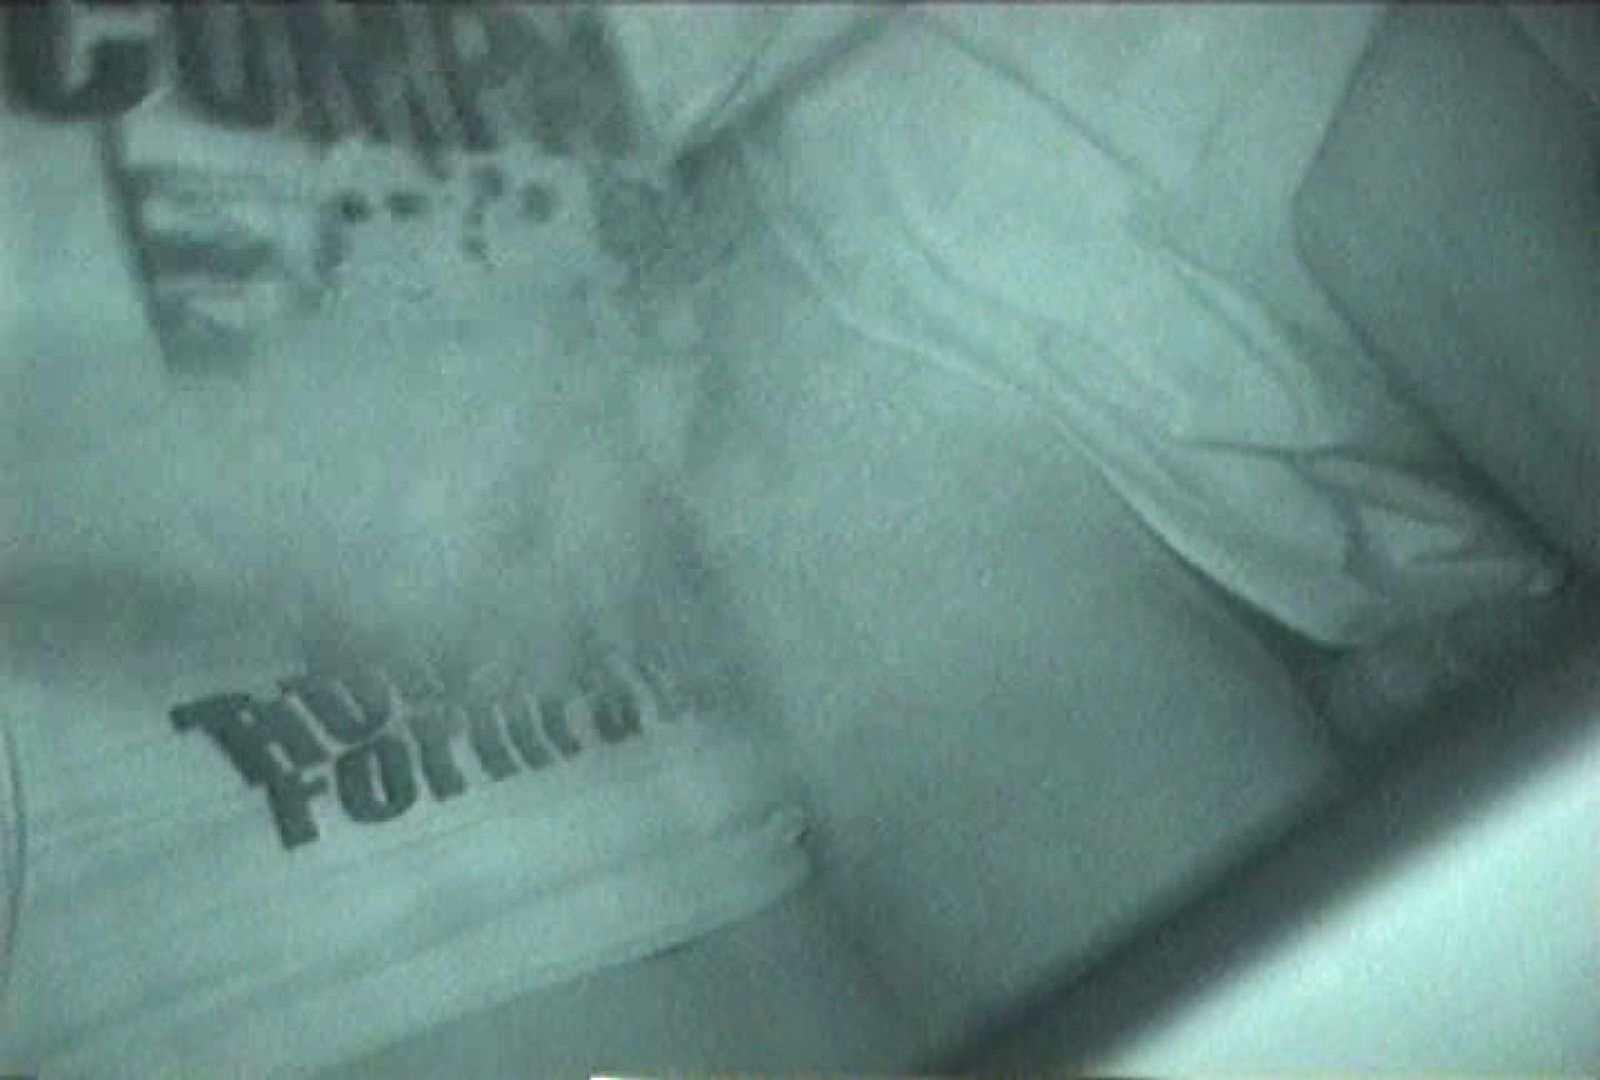 充血監督の深夜の運動会Vol.97 エッチなセックス   エロティックなOL  104画像 85